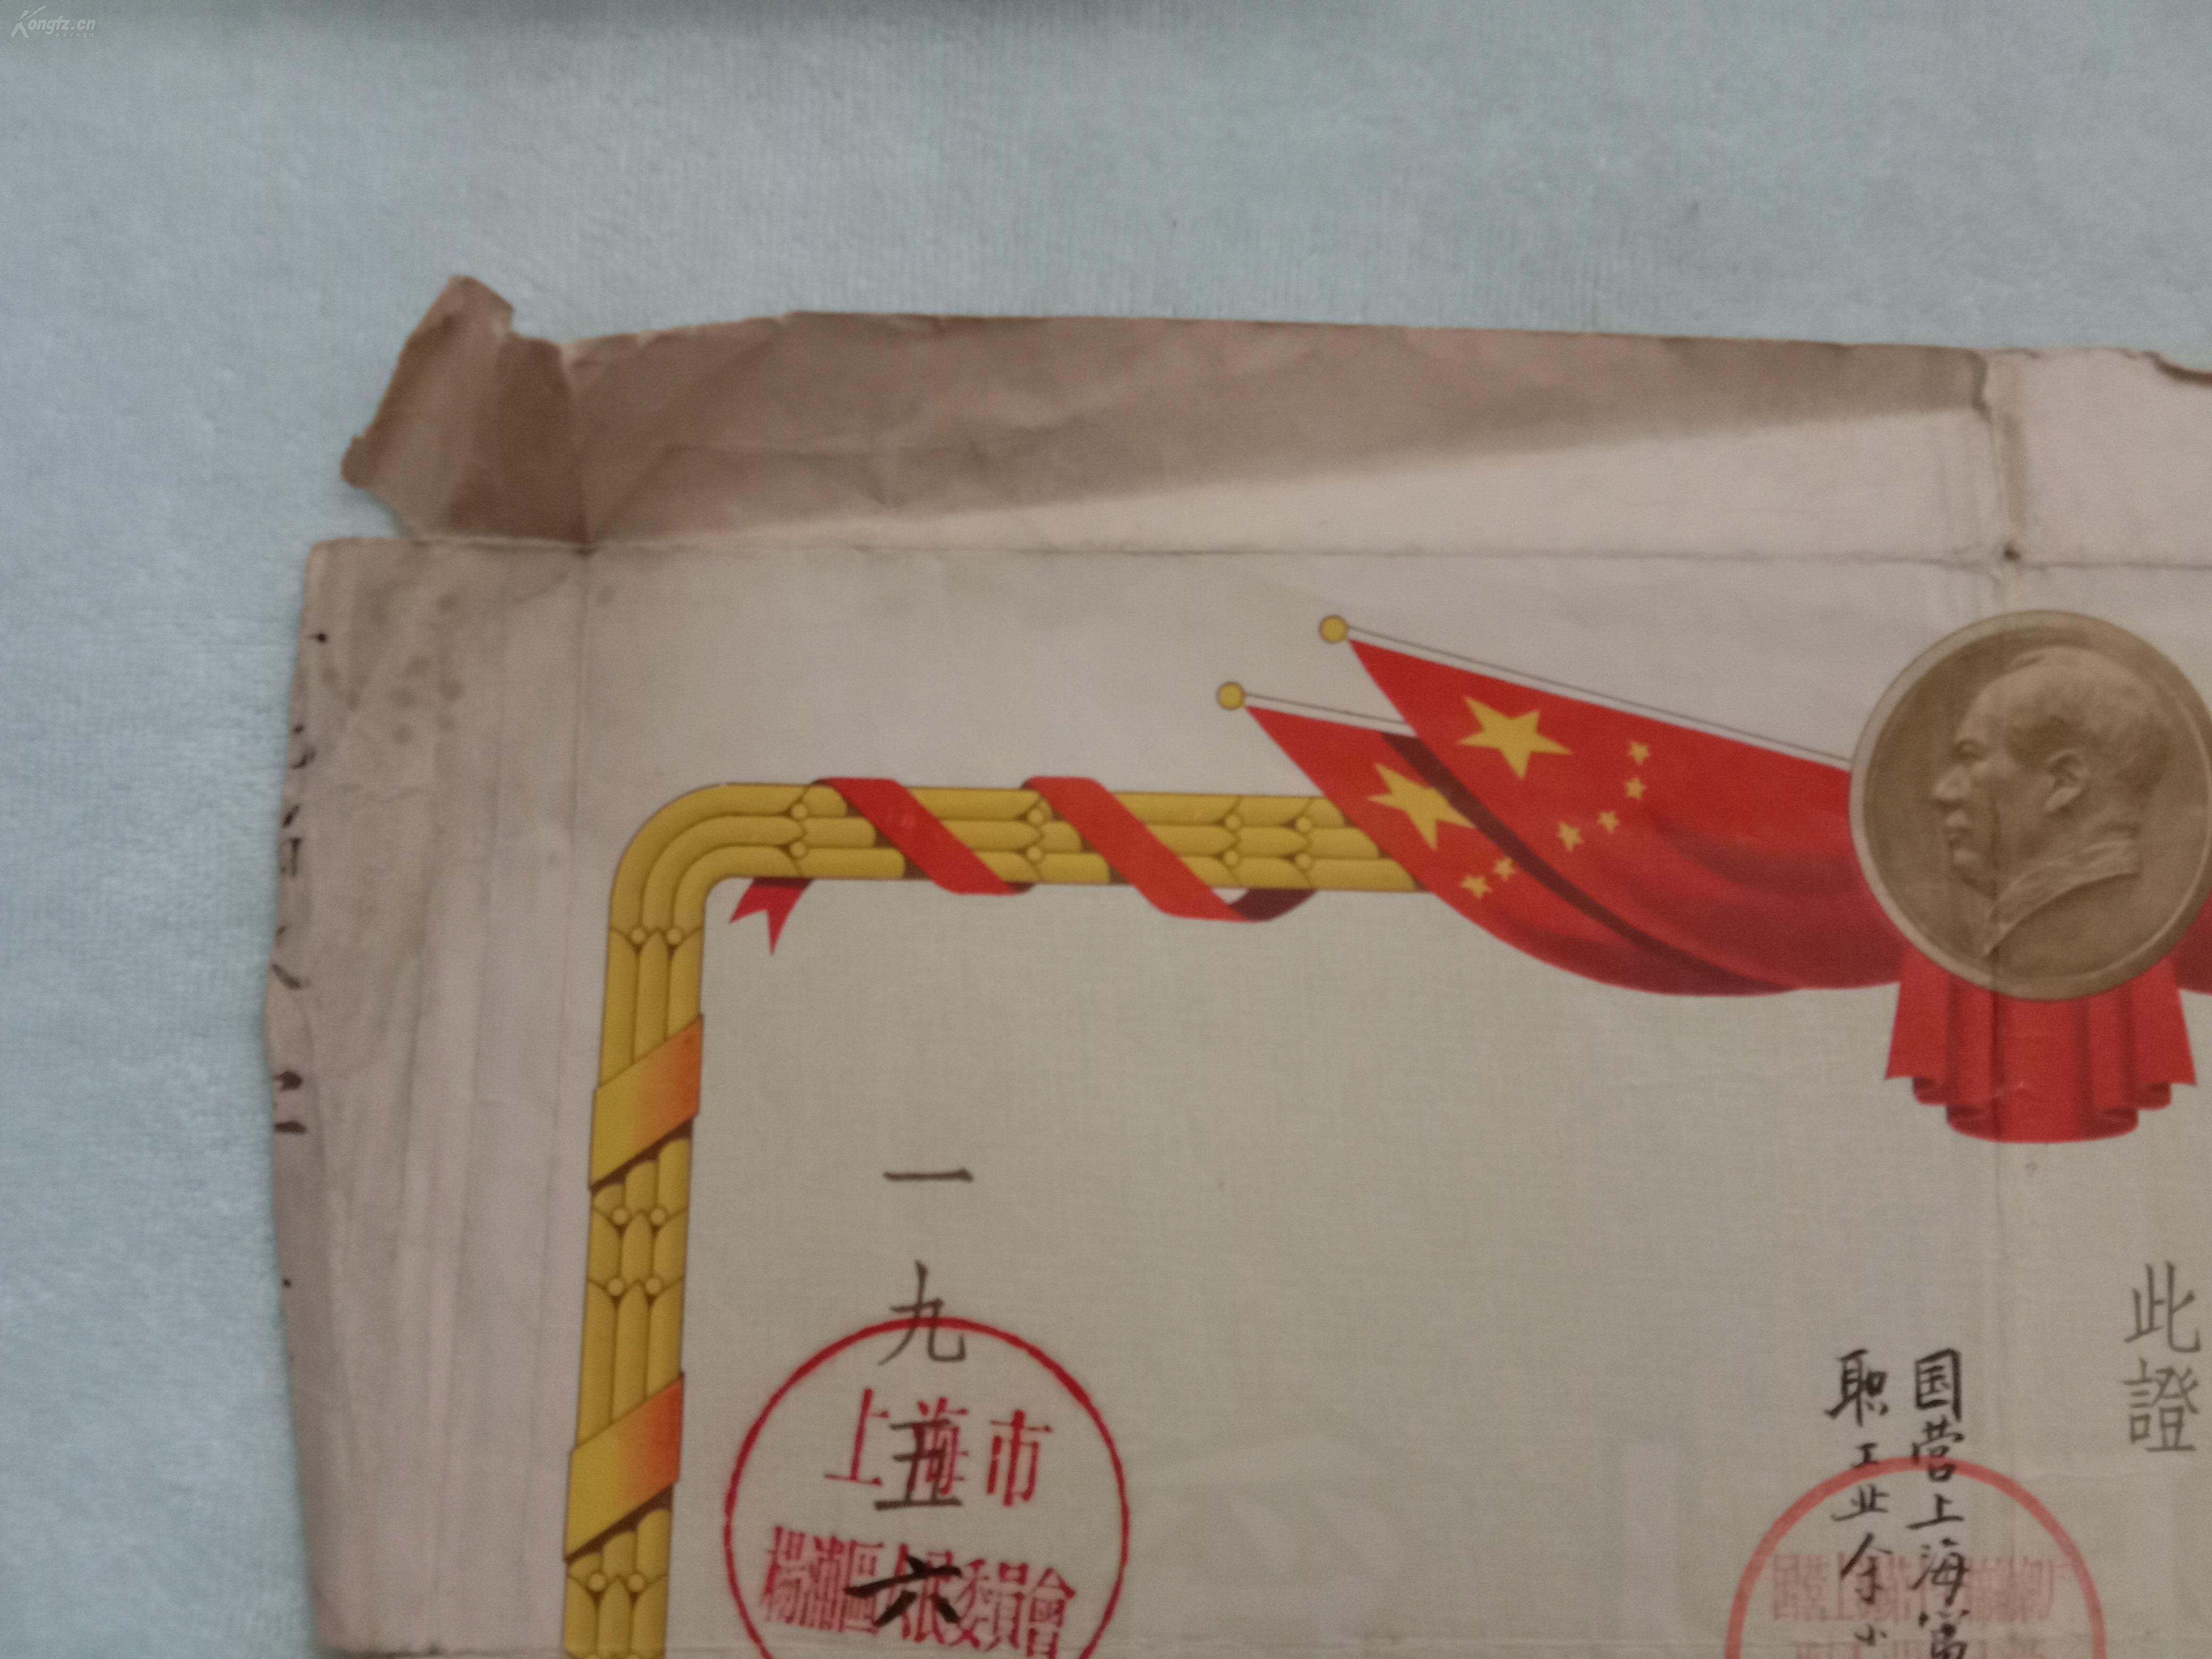 1956年国营上海第17棉纺织厂小学业余职工暨刘胡兰小学生哭了读图片